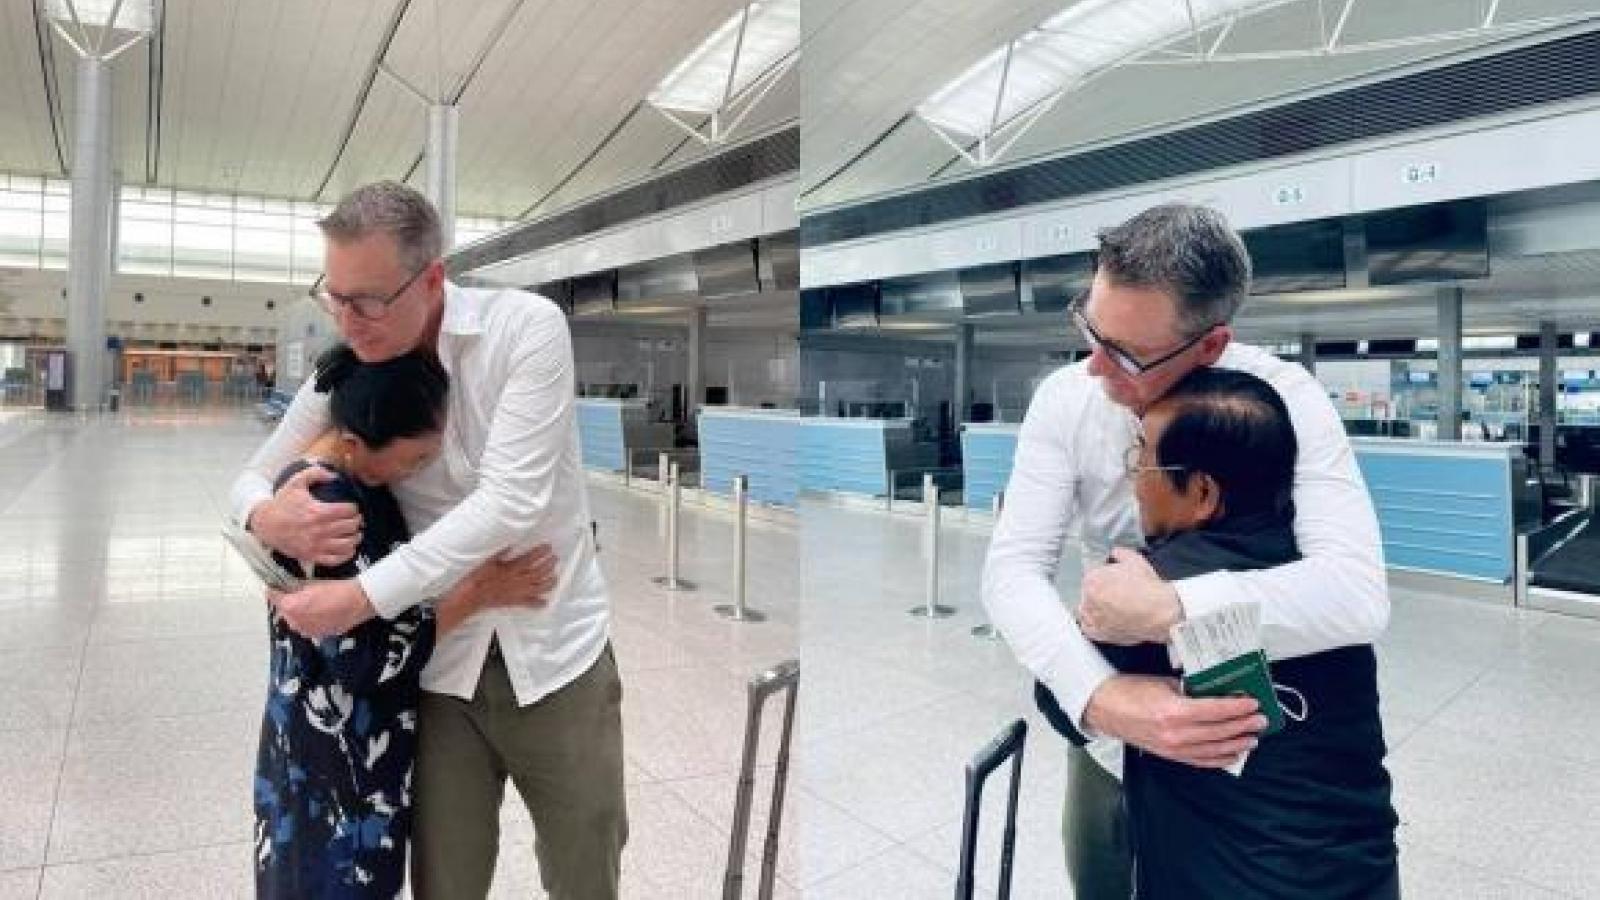 Chuyện showbiz: Đoan Trang xúc động tạm biệt bố mẹ để sang Singapore định cư